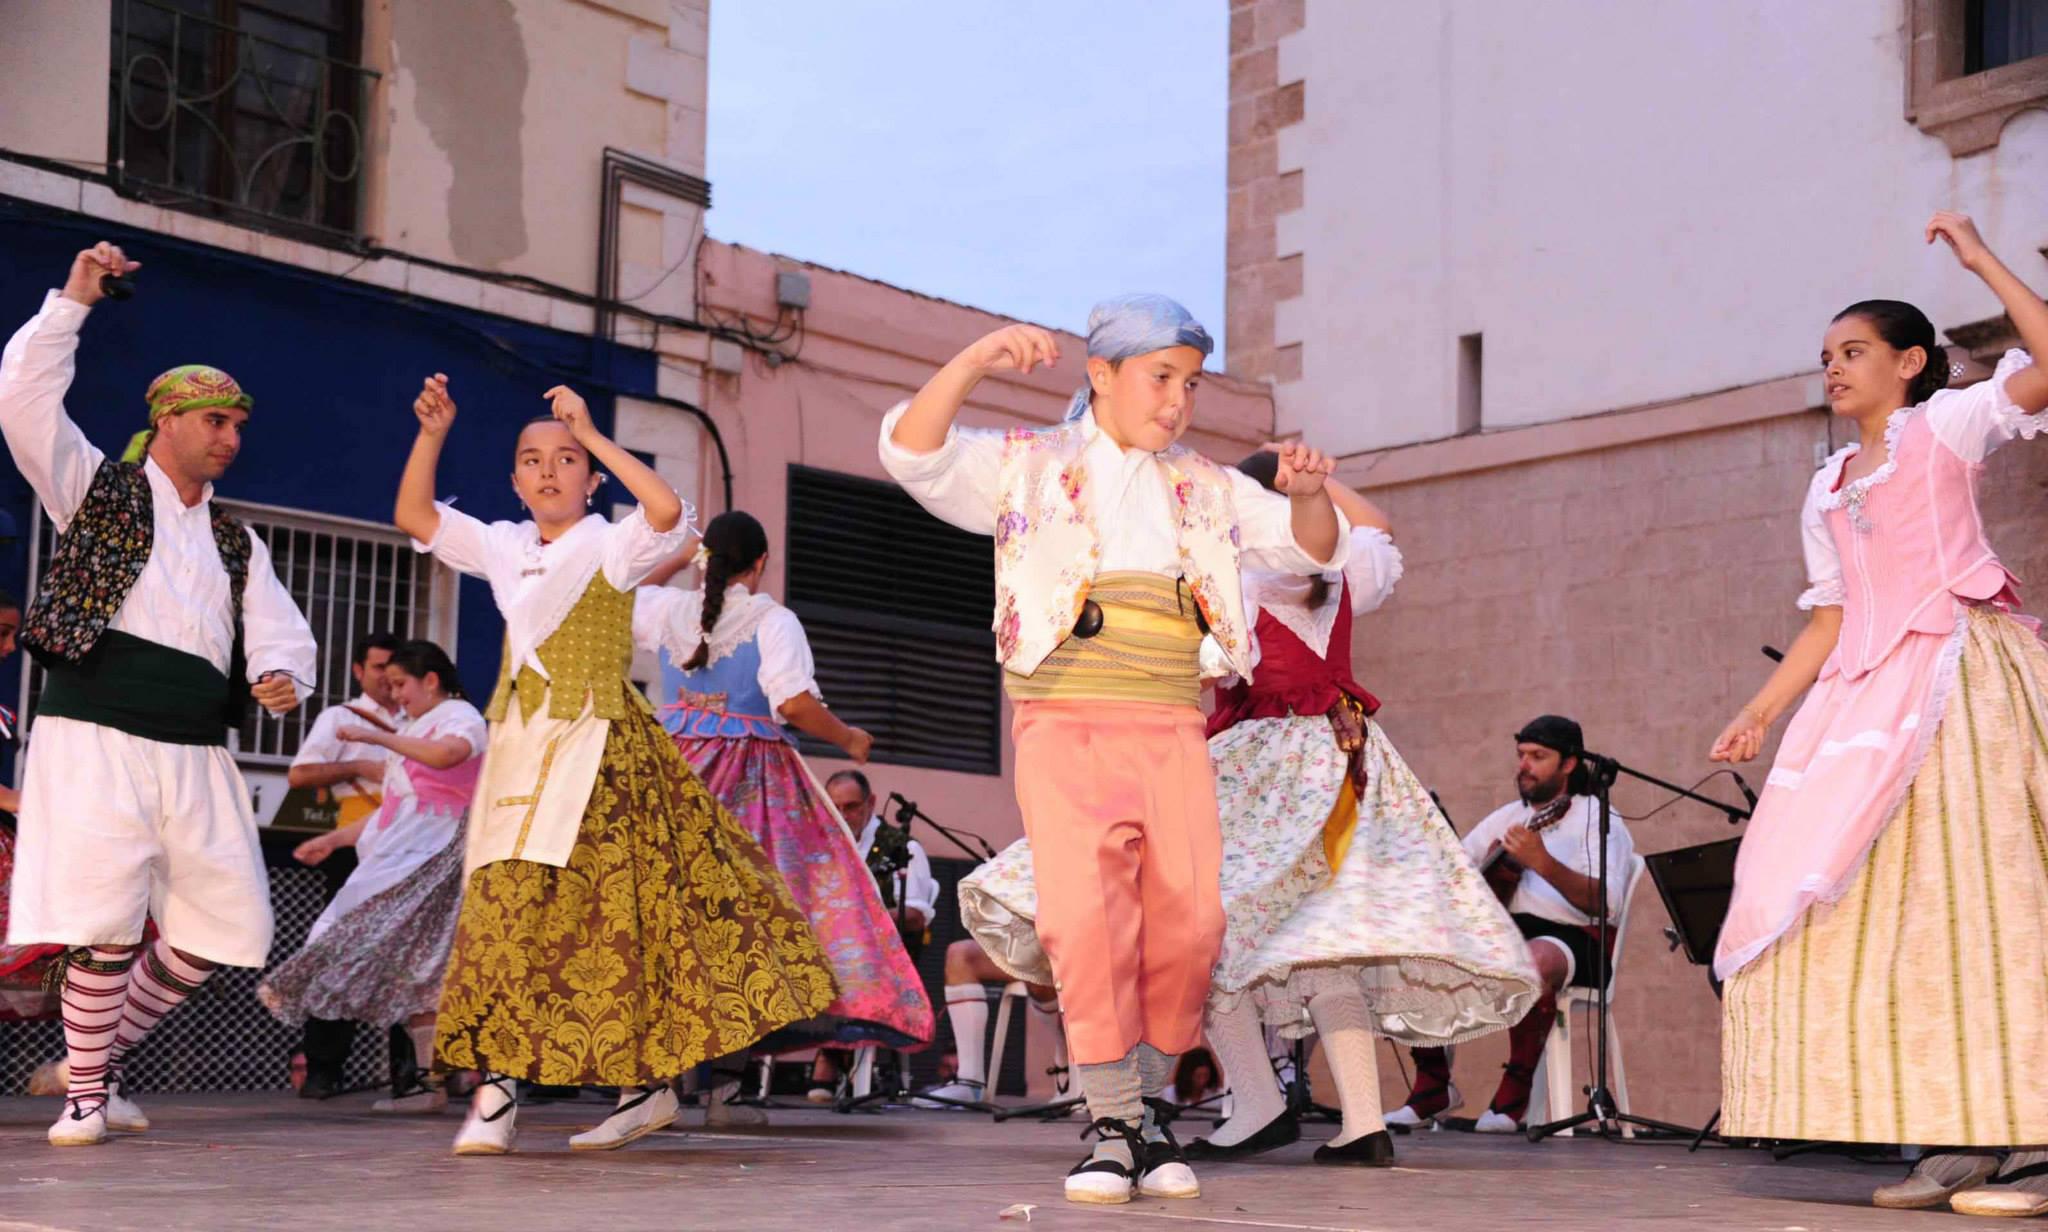 2014-07-06 R.Baladre a Festes de Denia (2)